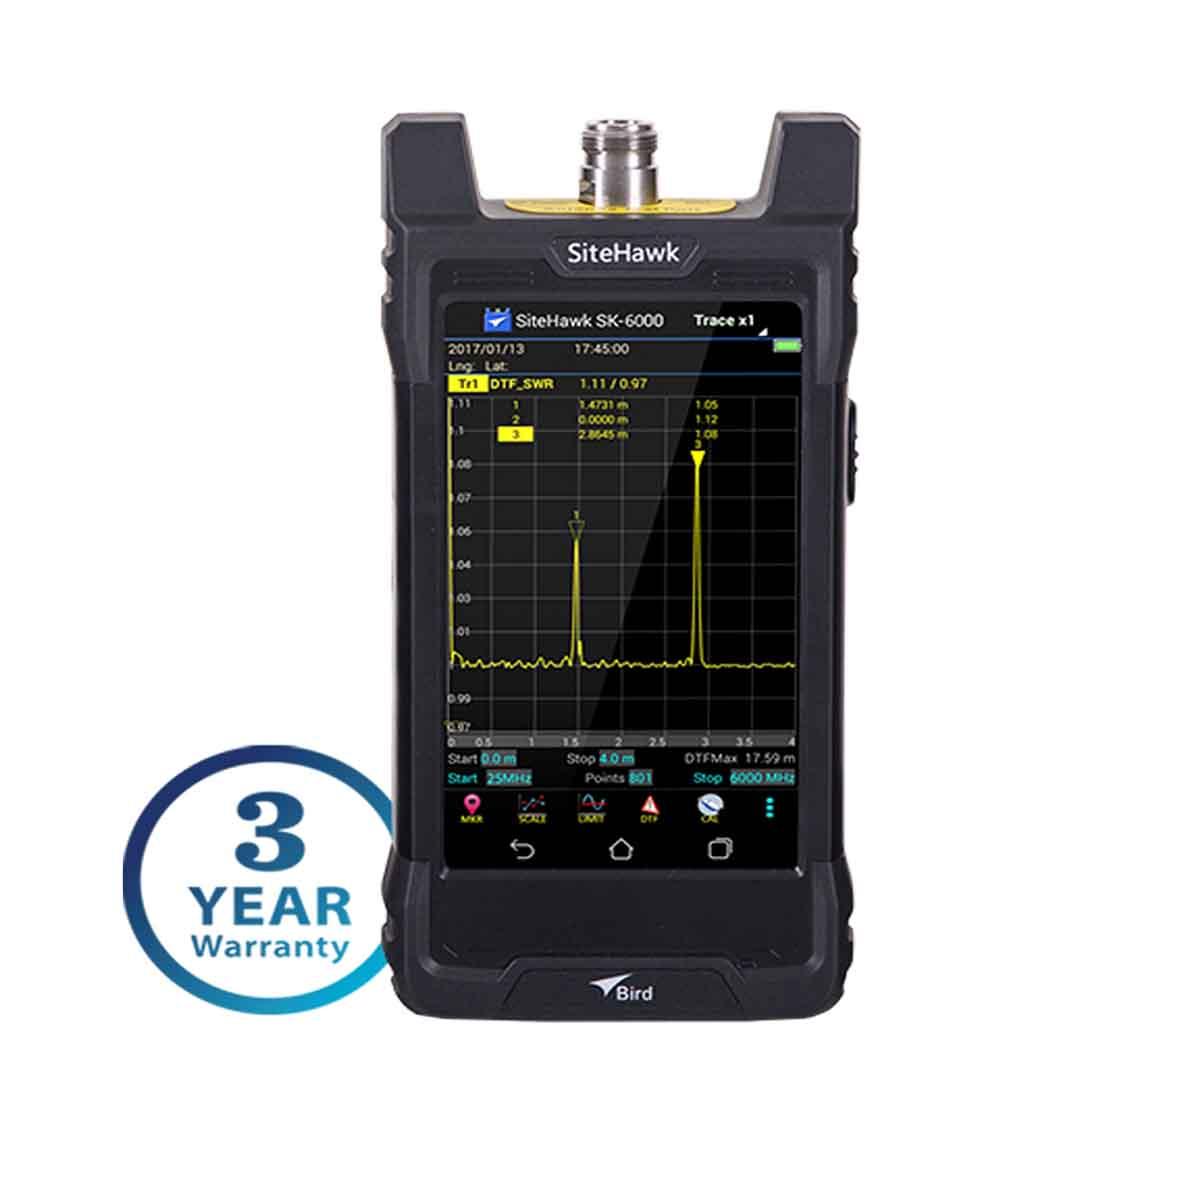 Analizador de cables y antenas RF Bird SiteHawk SK-4500-TC 1 MHz  4-5 GHz